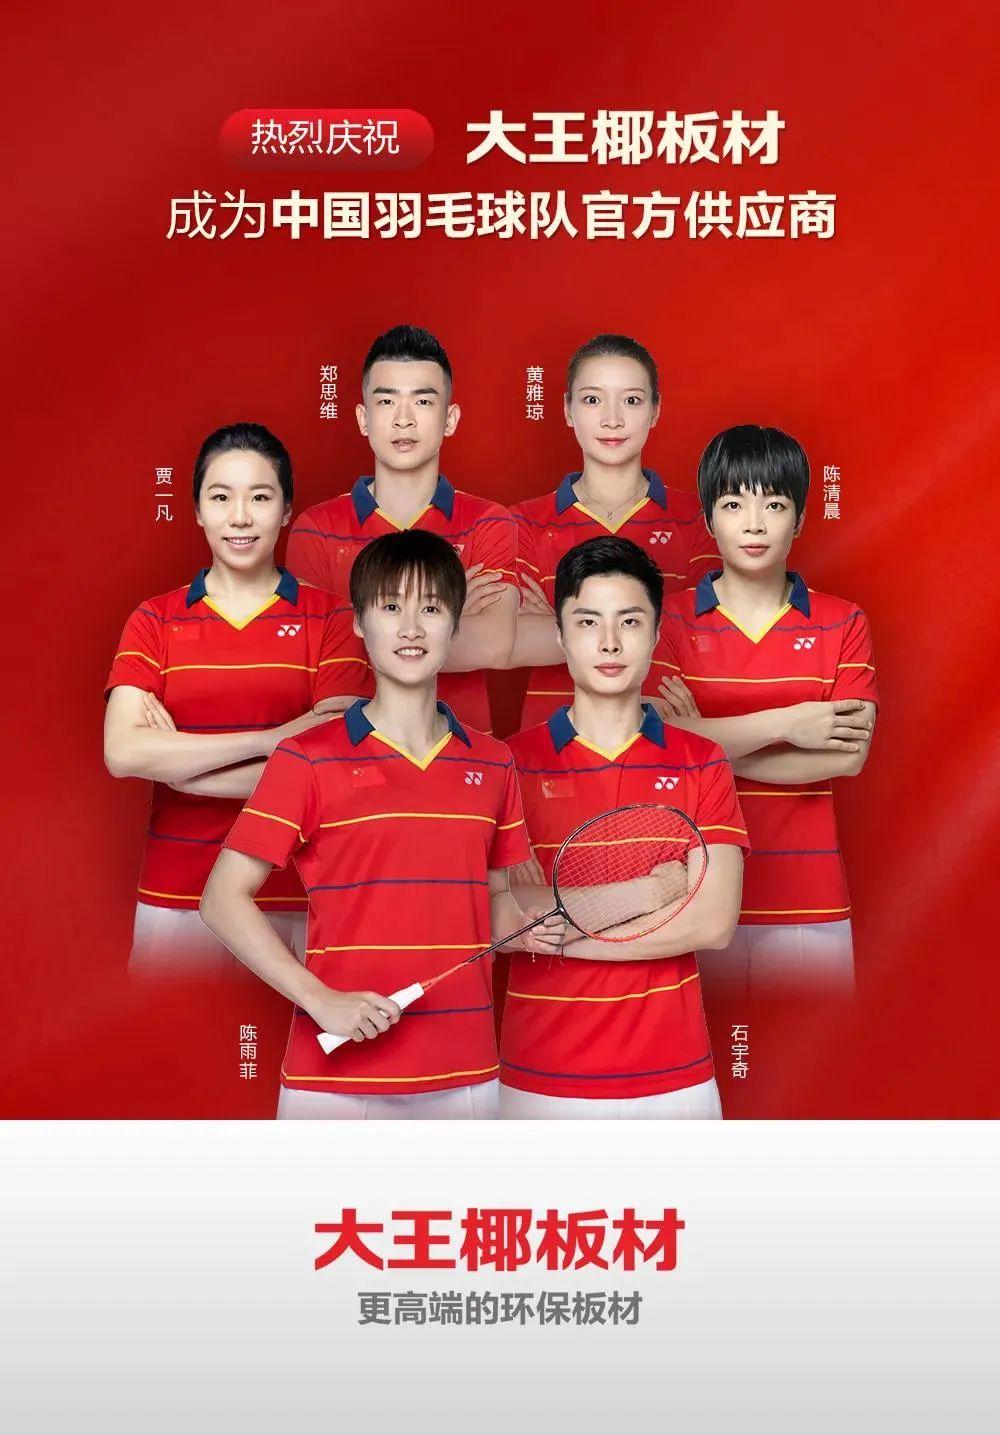 板材行业首家!大王椰板材签约中国羽毛球队